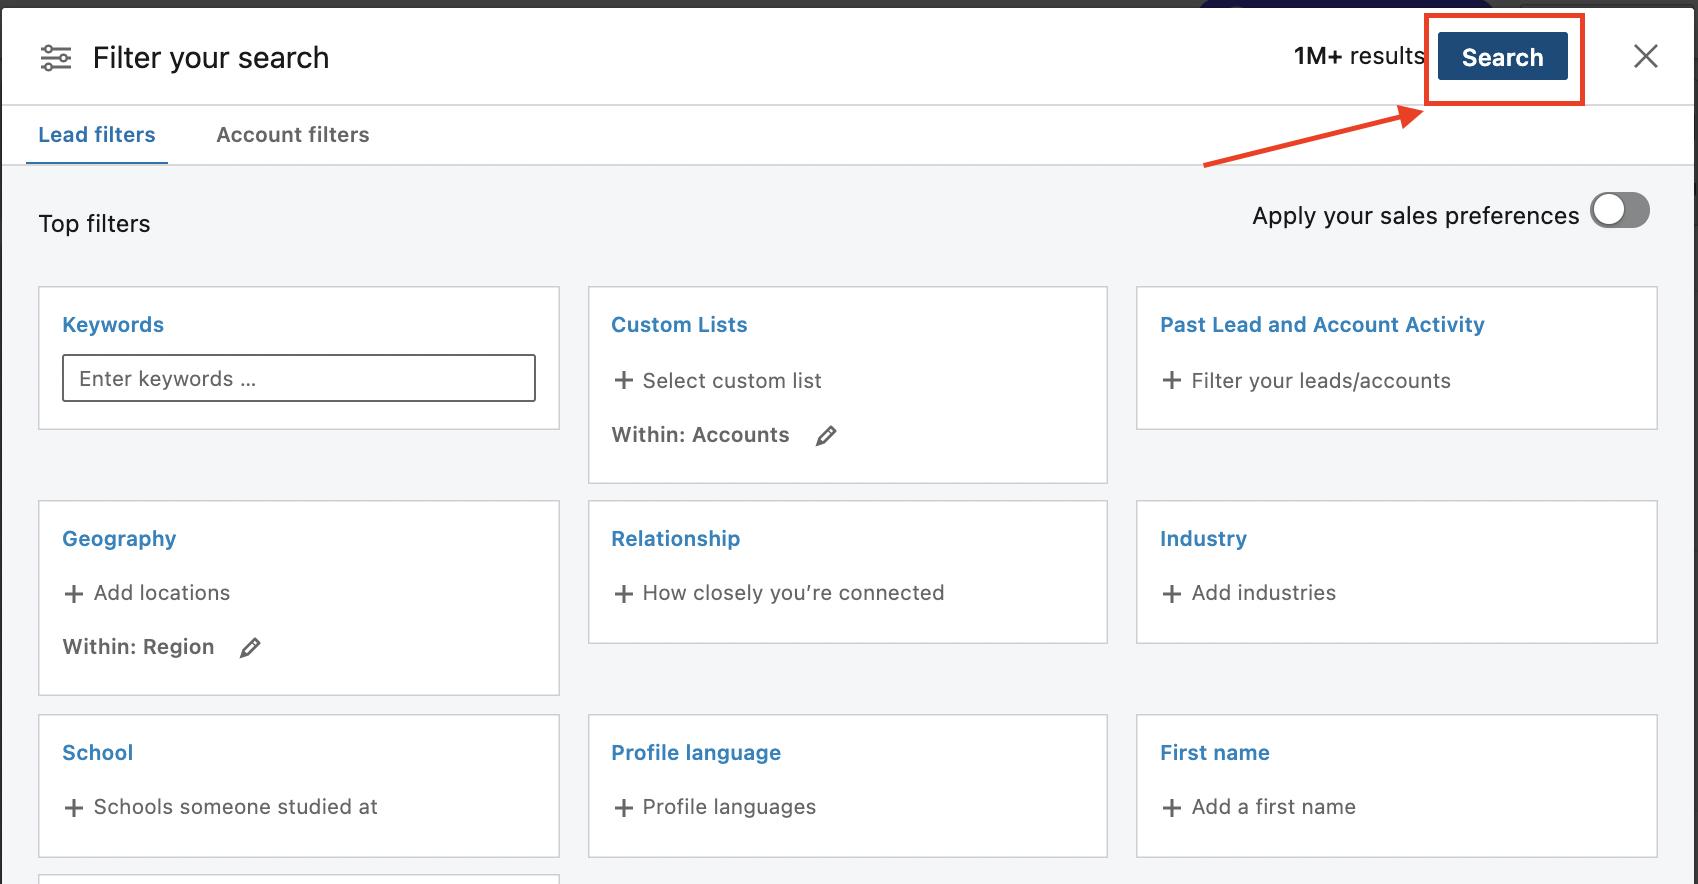 linkedin-sales-navigator-search-engine.png